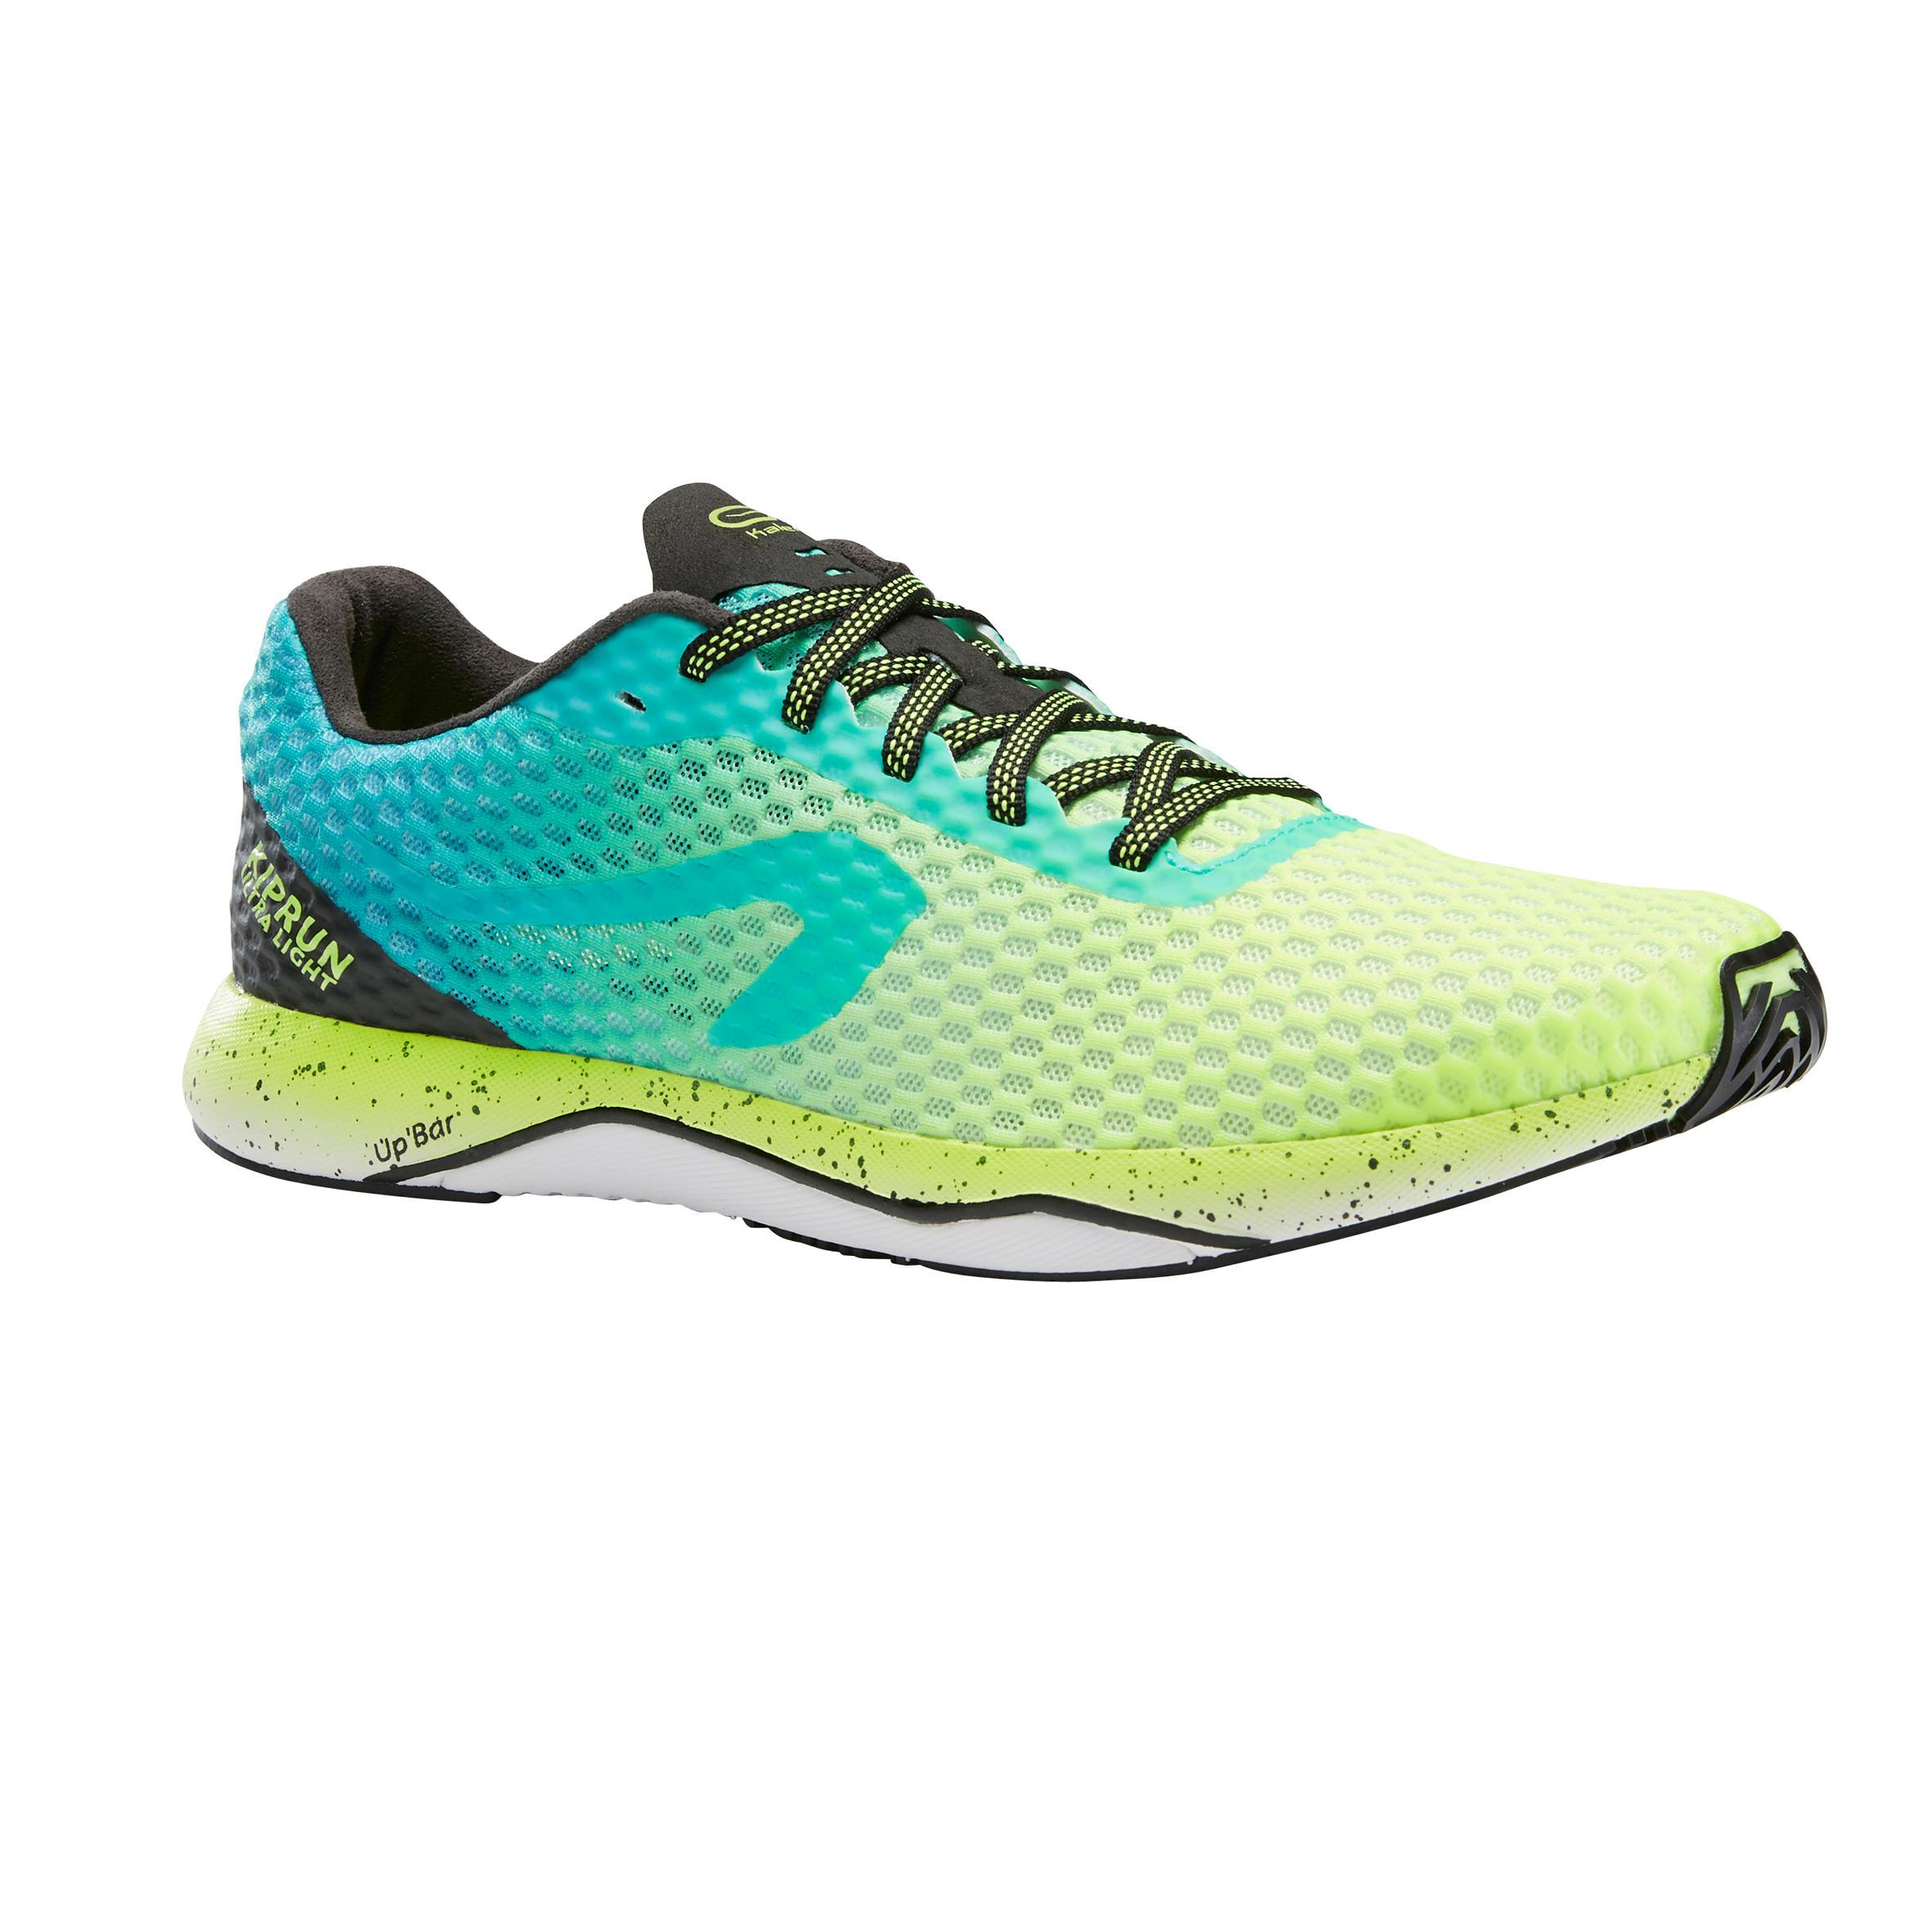 best service 3cad3 ae145 Chaussures running Hommes   Decathlon